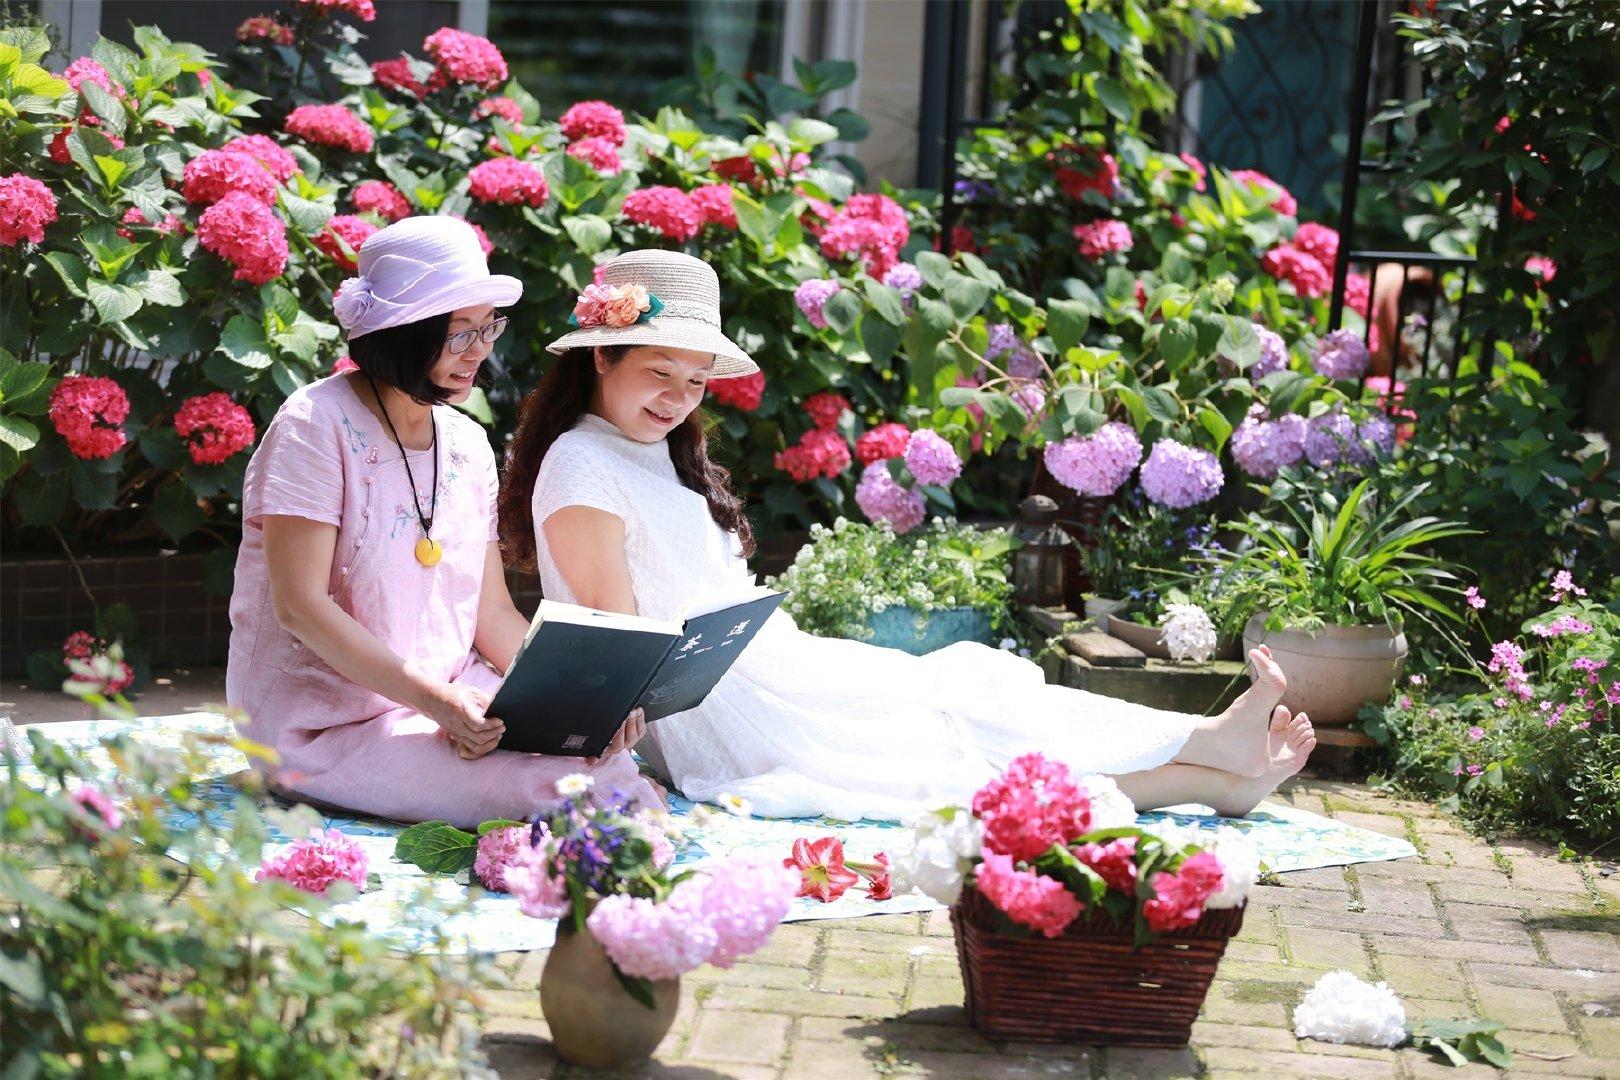 """Khu vườn quanh năm chỉ có """"mùa xuân"""" ở lại của cô giáo dạy Toán xinh đẹp - Ảnh 2."""